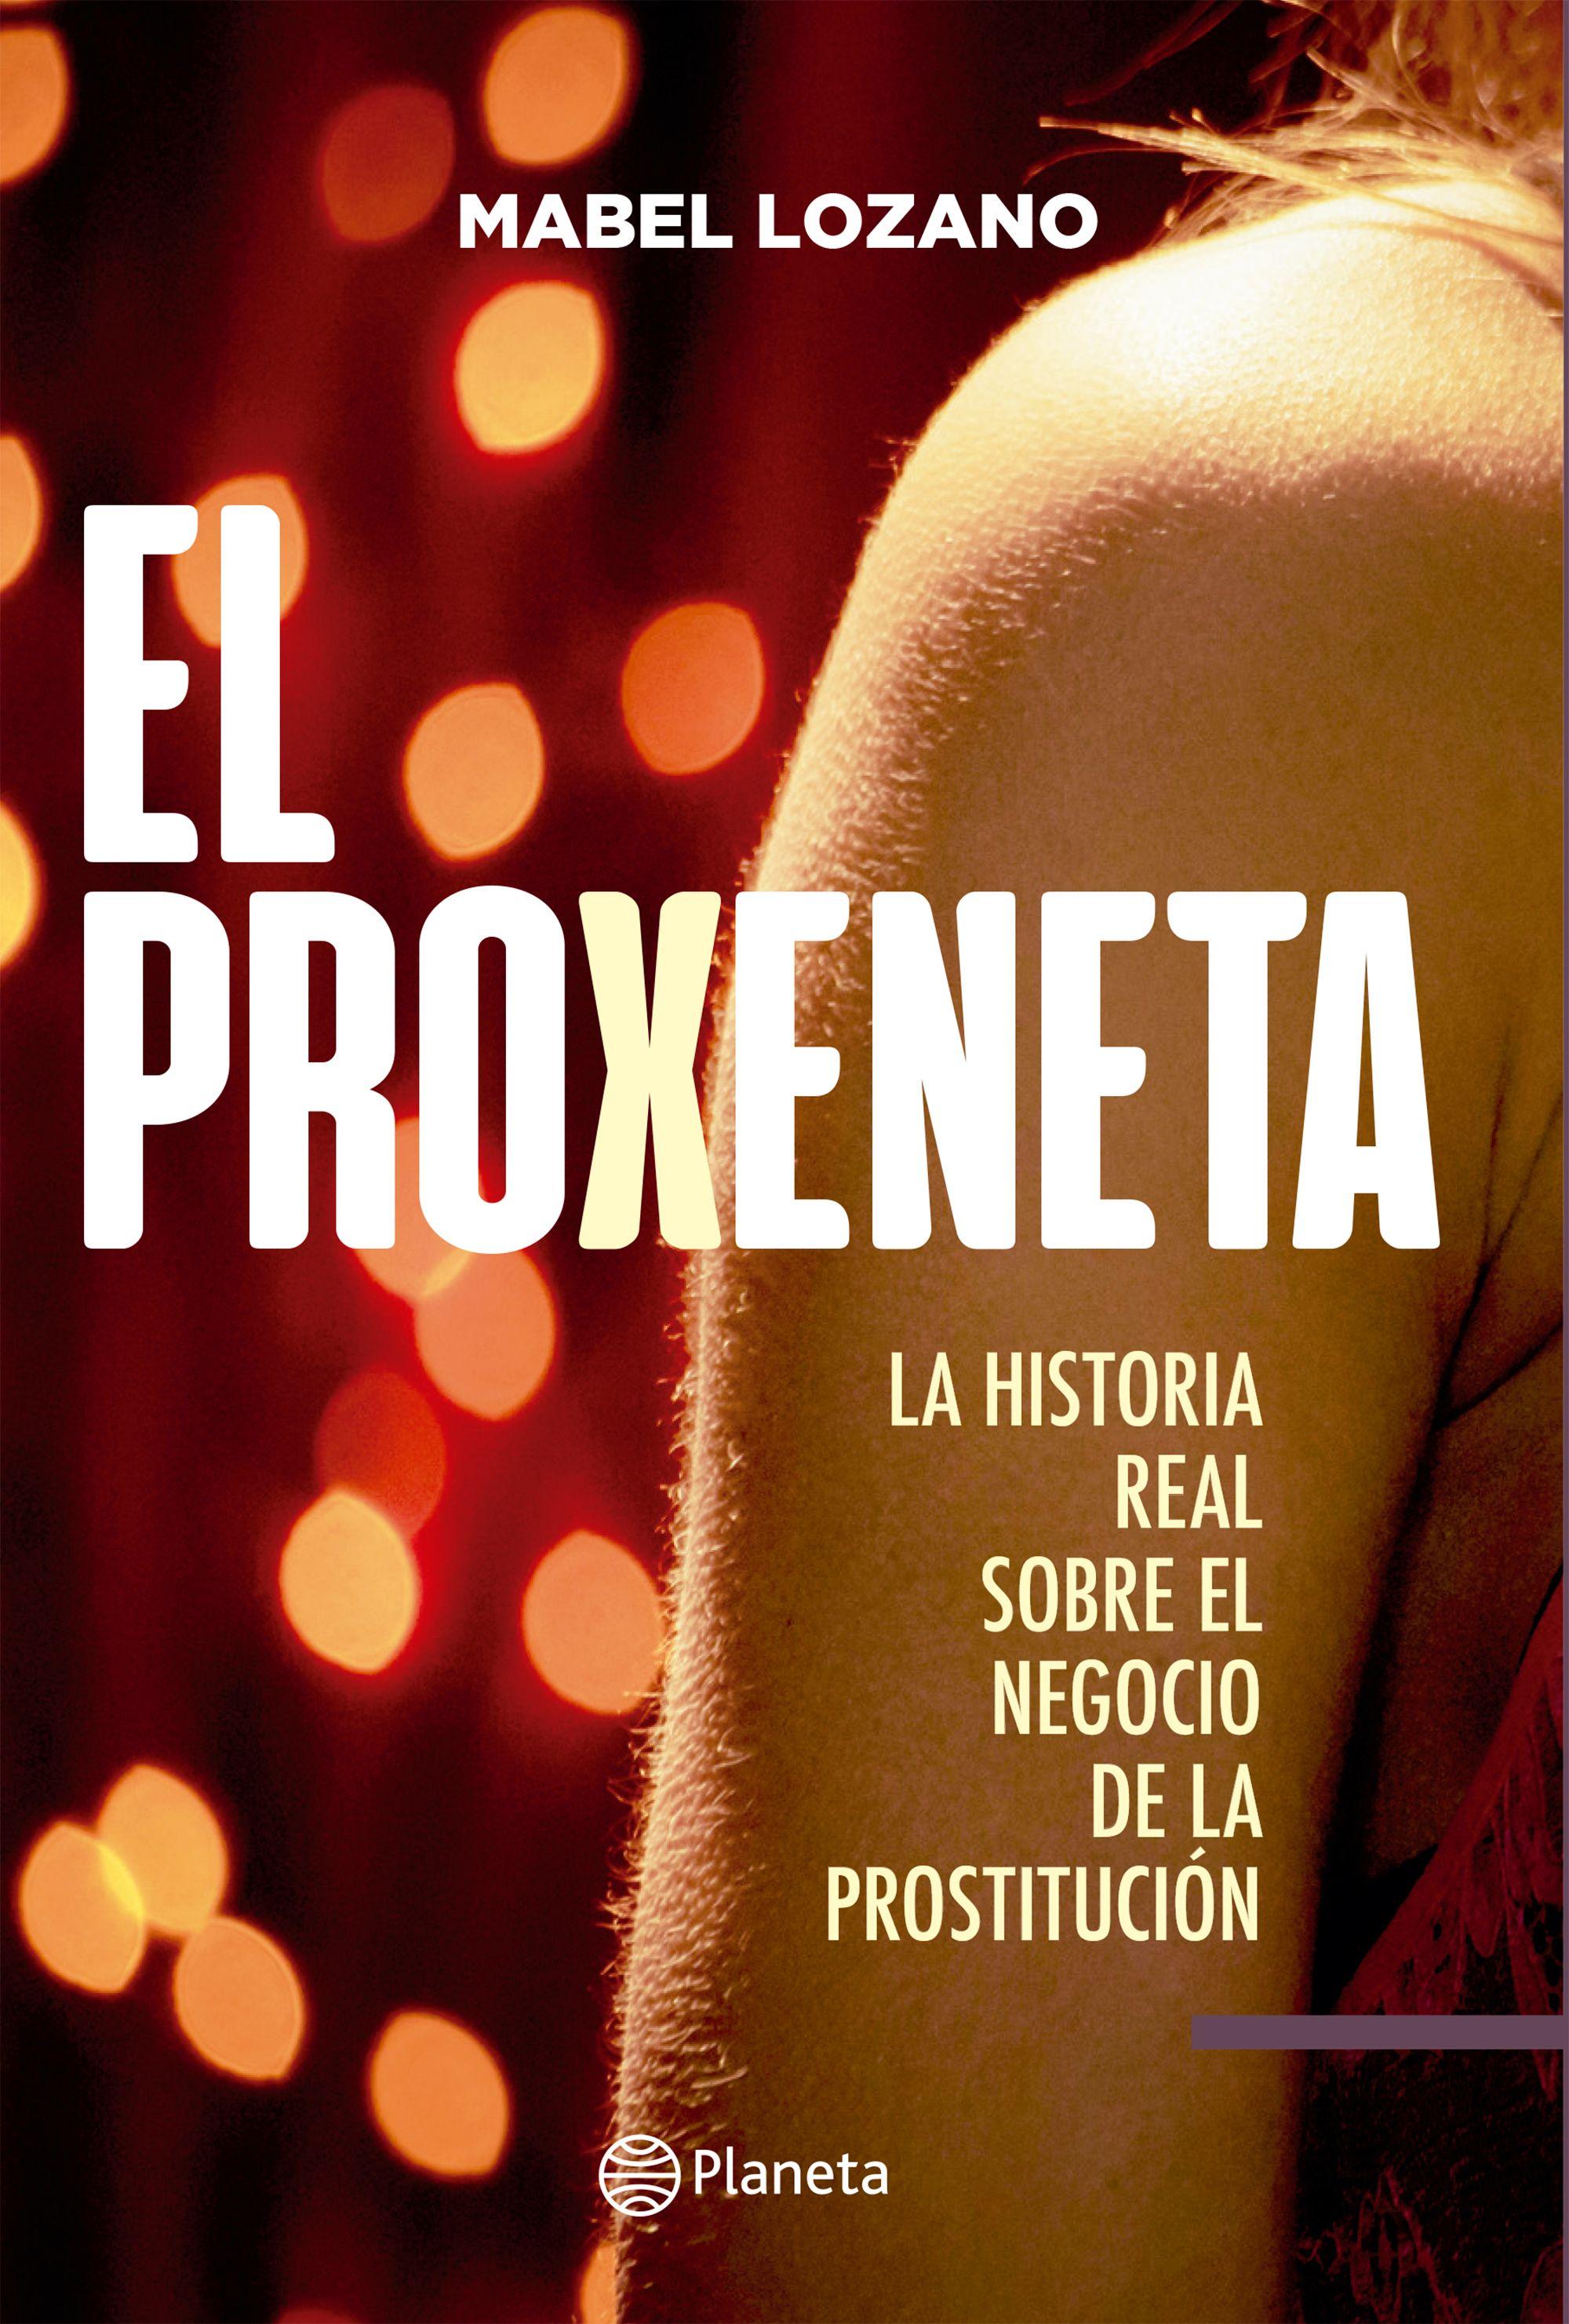 El Proxeneta. La Historia Real Sobre el Negocio de la Prostitución - Mabel Lozano - Planeta